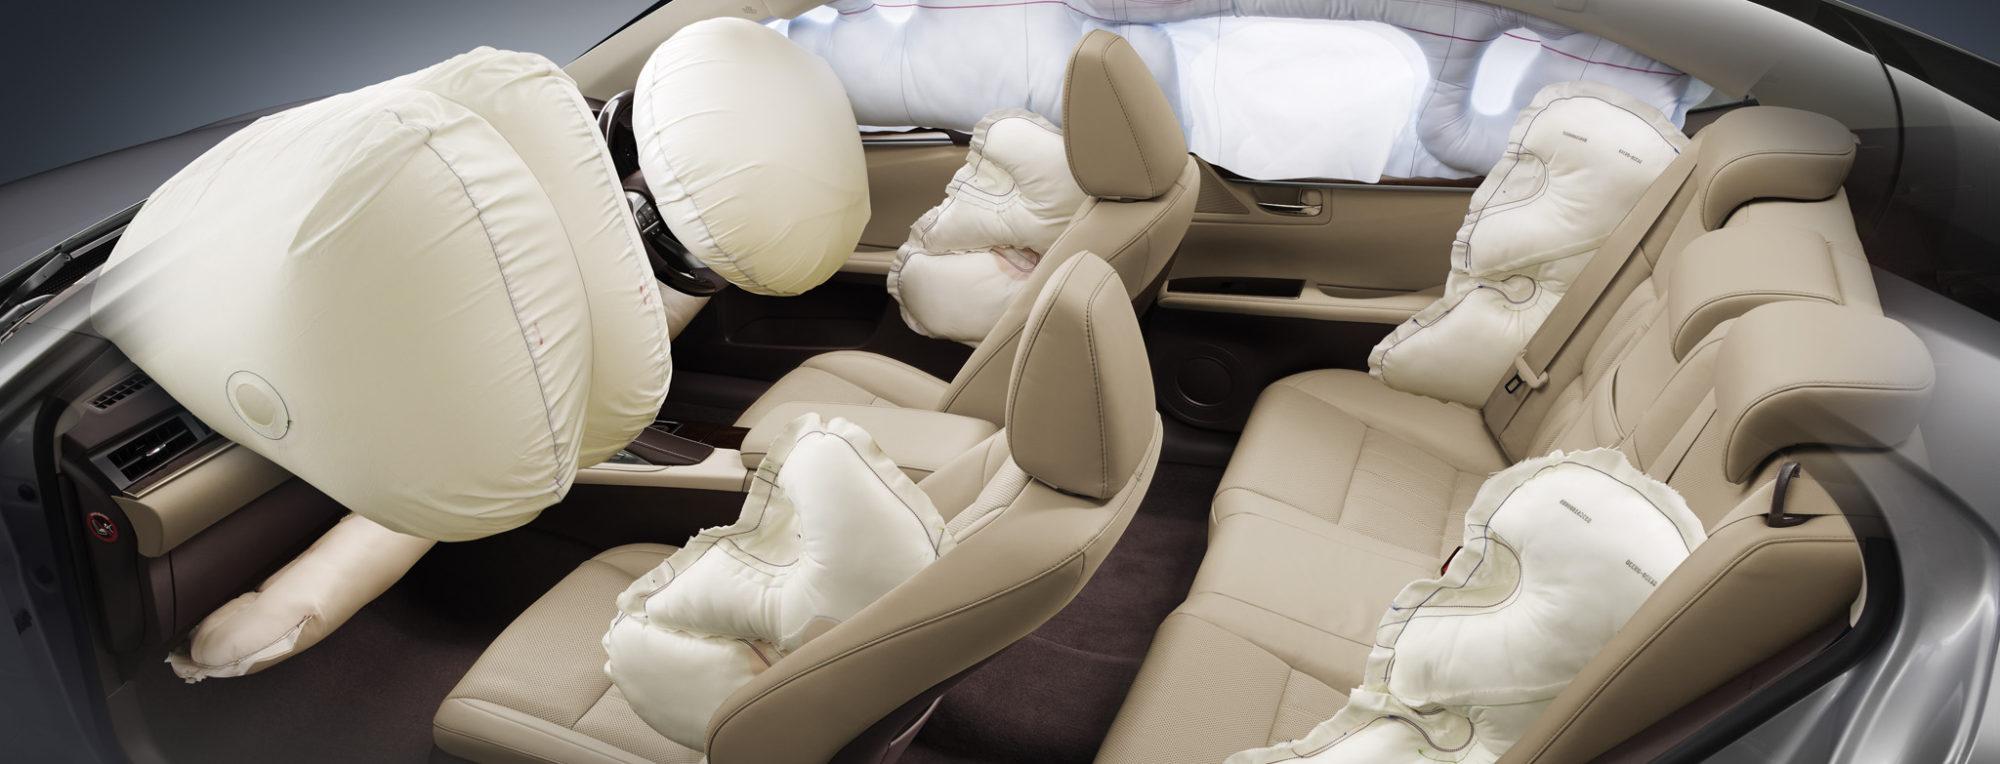 Ремонт торпедо, перетяжка торпеды, восстановление подушек безопасности Airbag